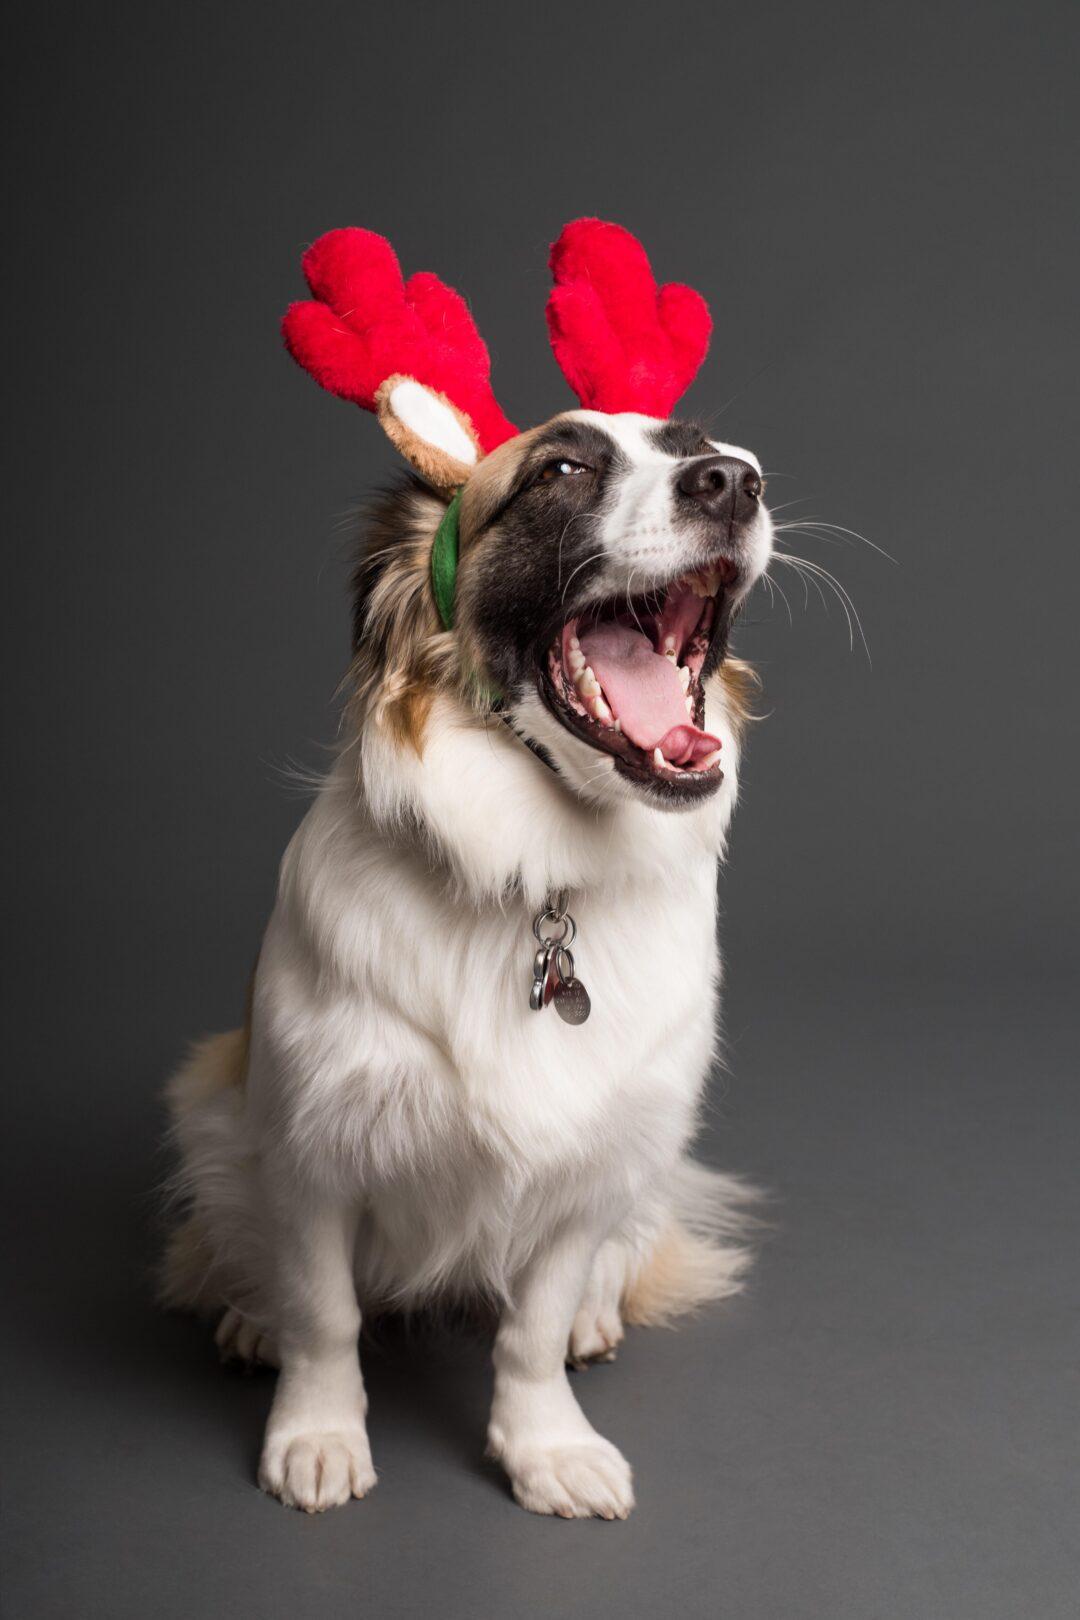 Santa paws hestercombe pexels goochie poochie grooming 3361714